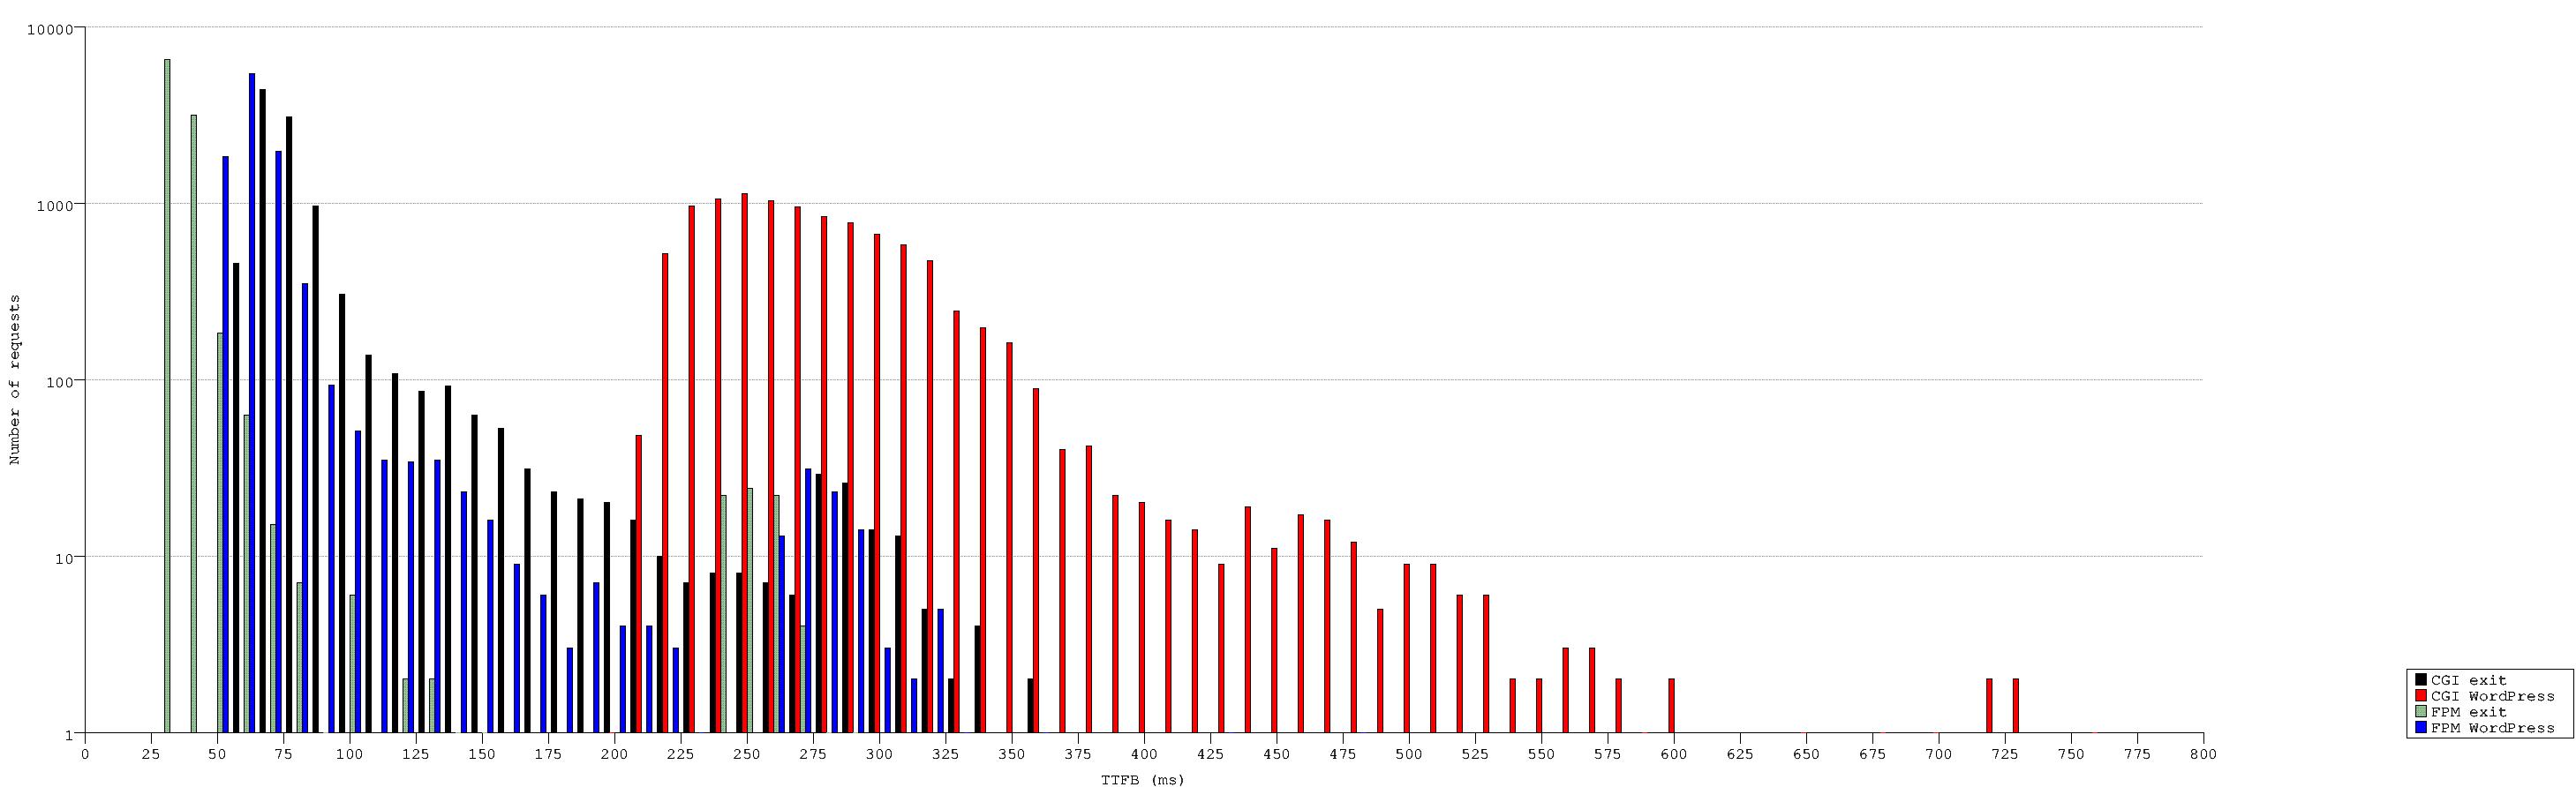 TTFB measurements, logarithmic chart